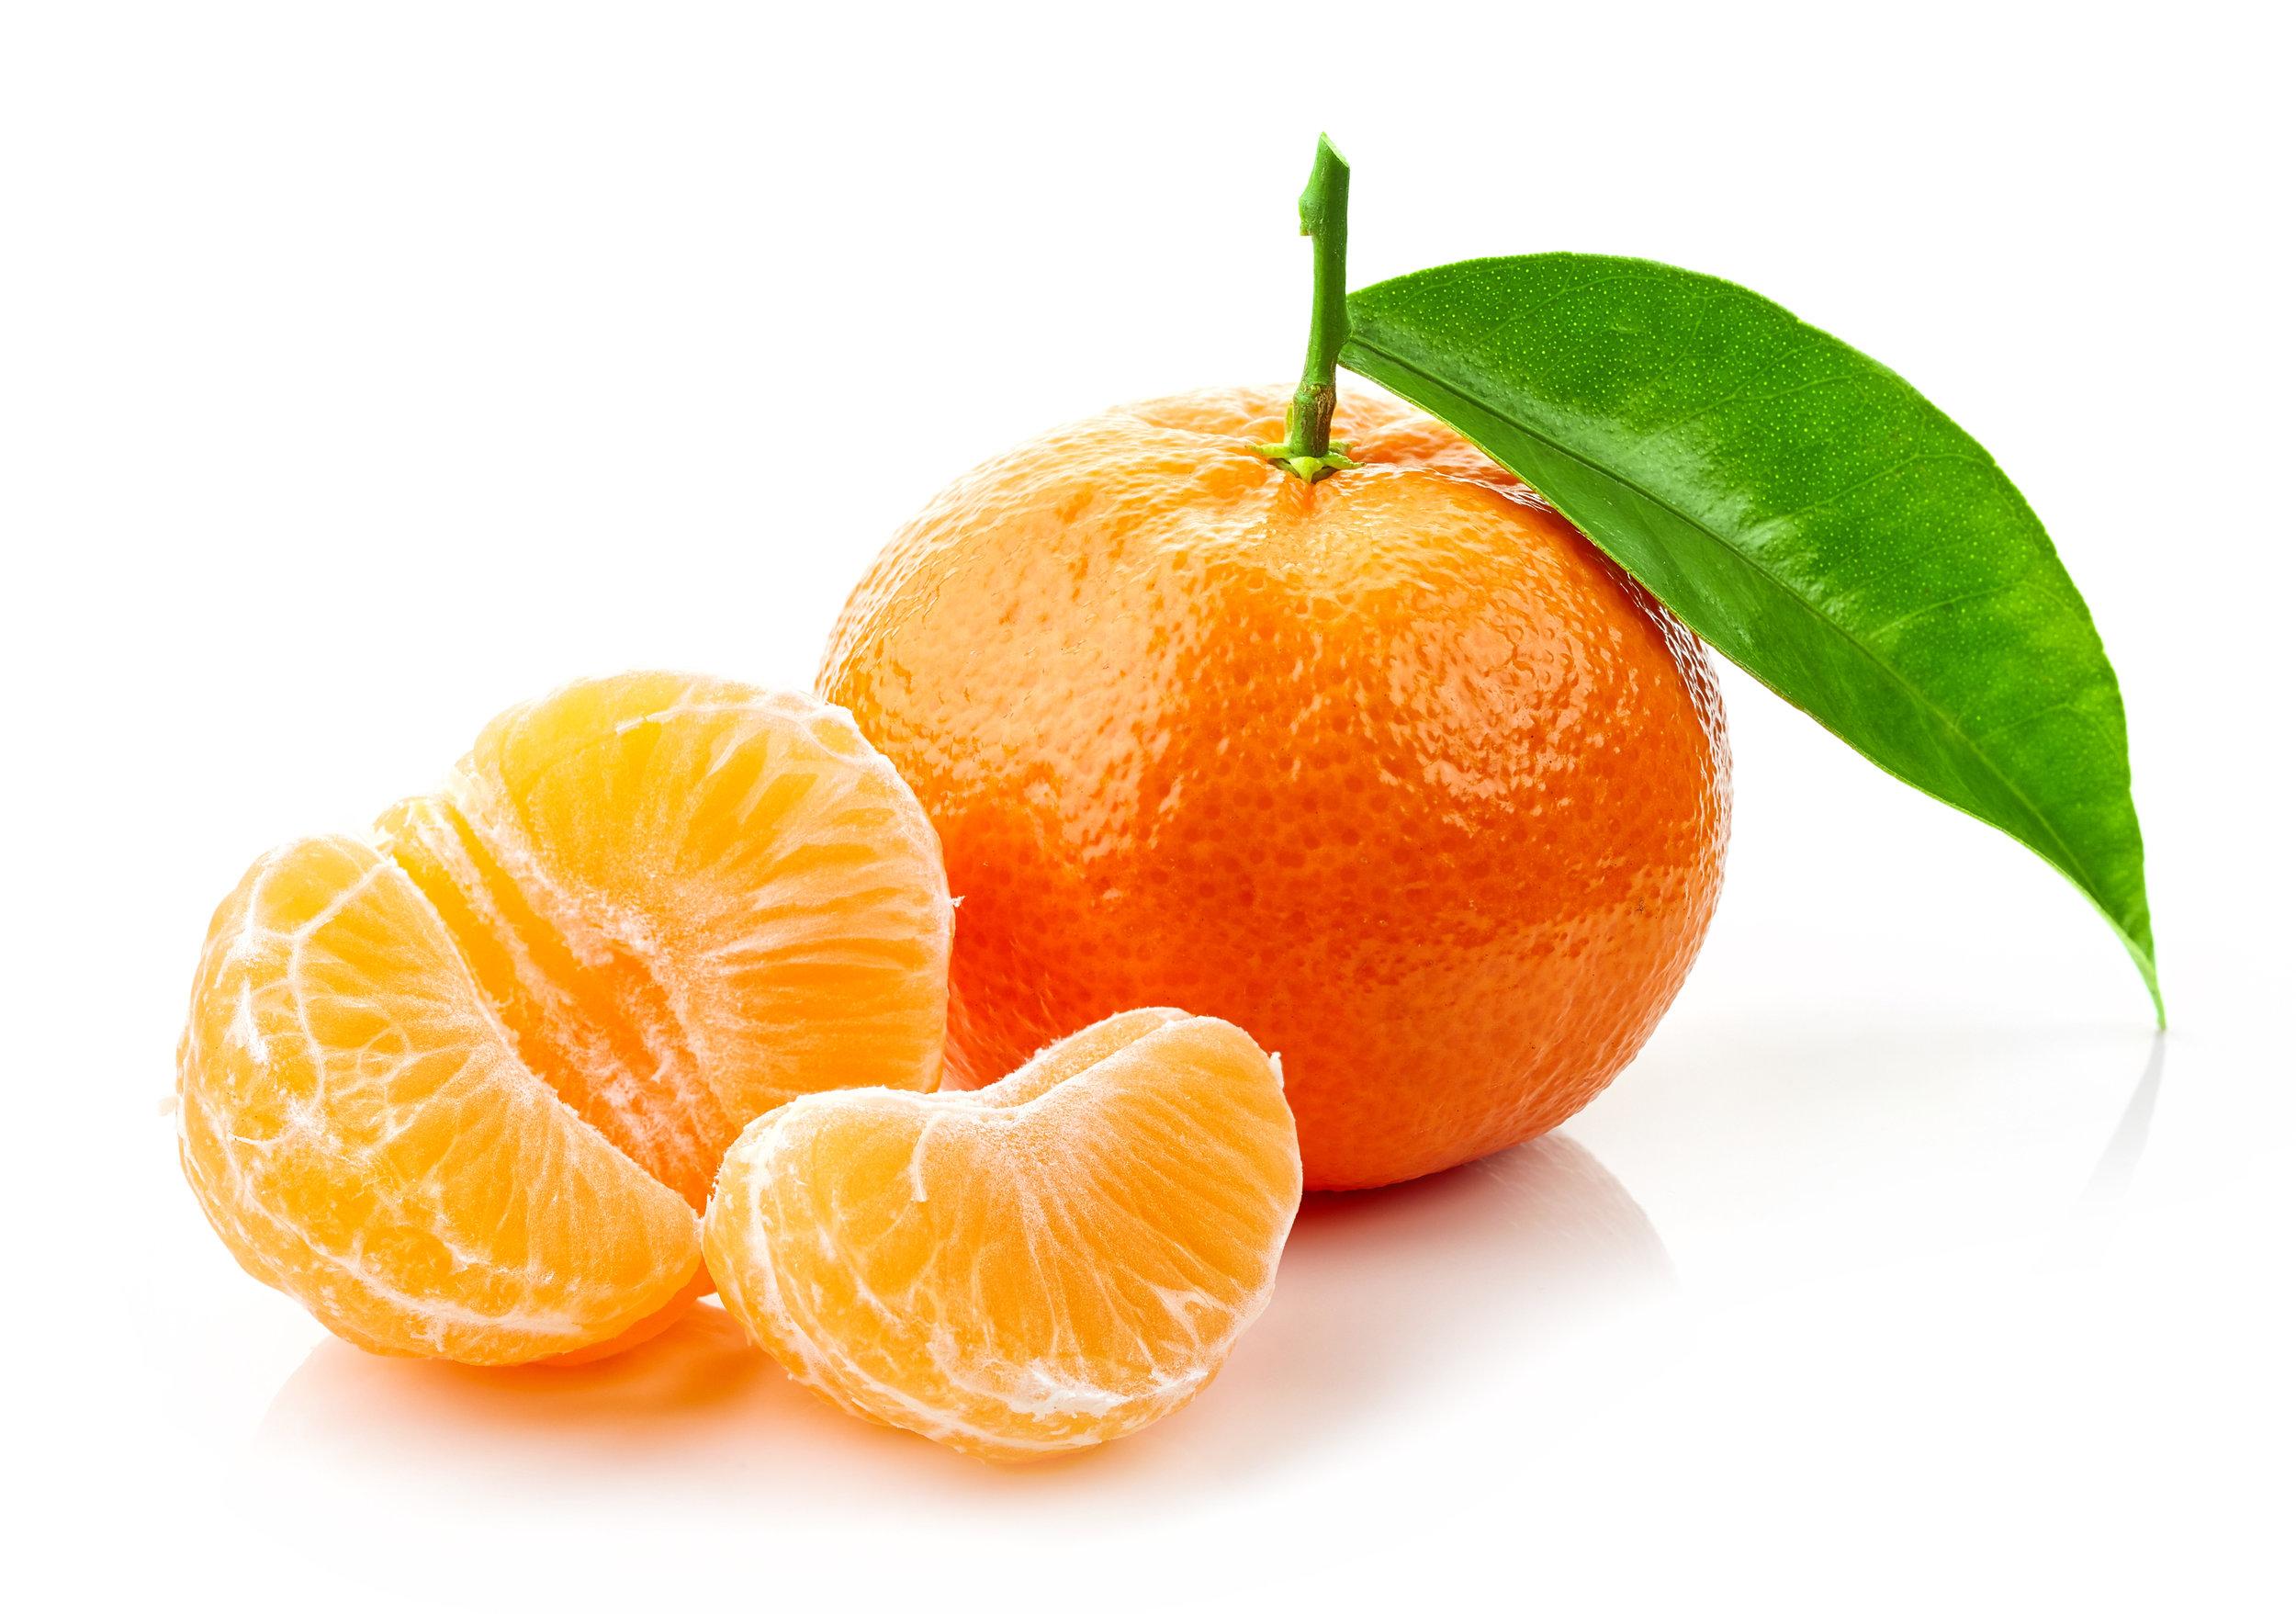 Mandarin.jpeg